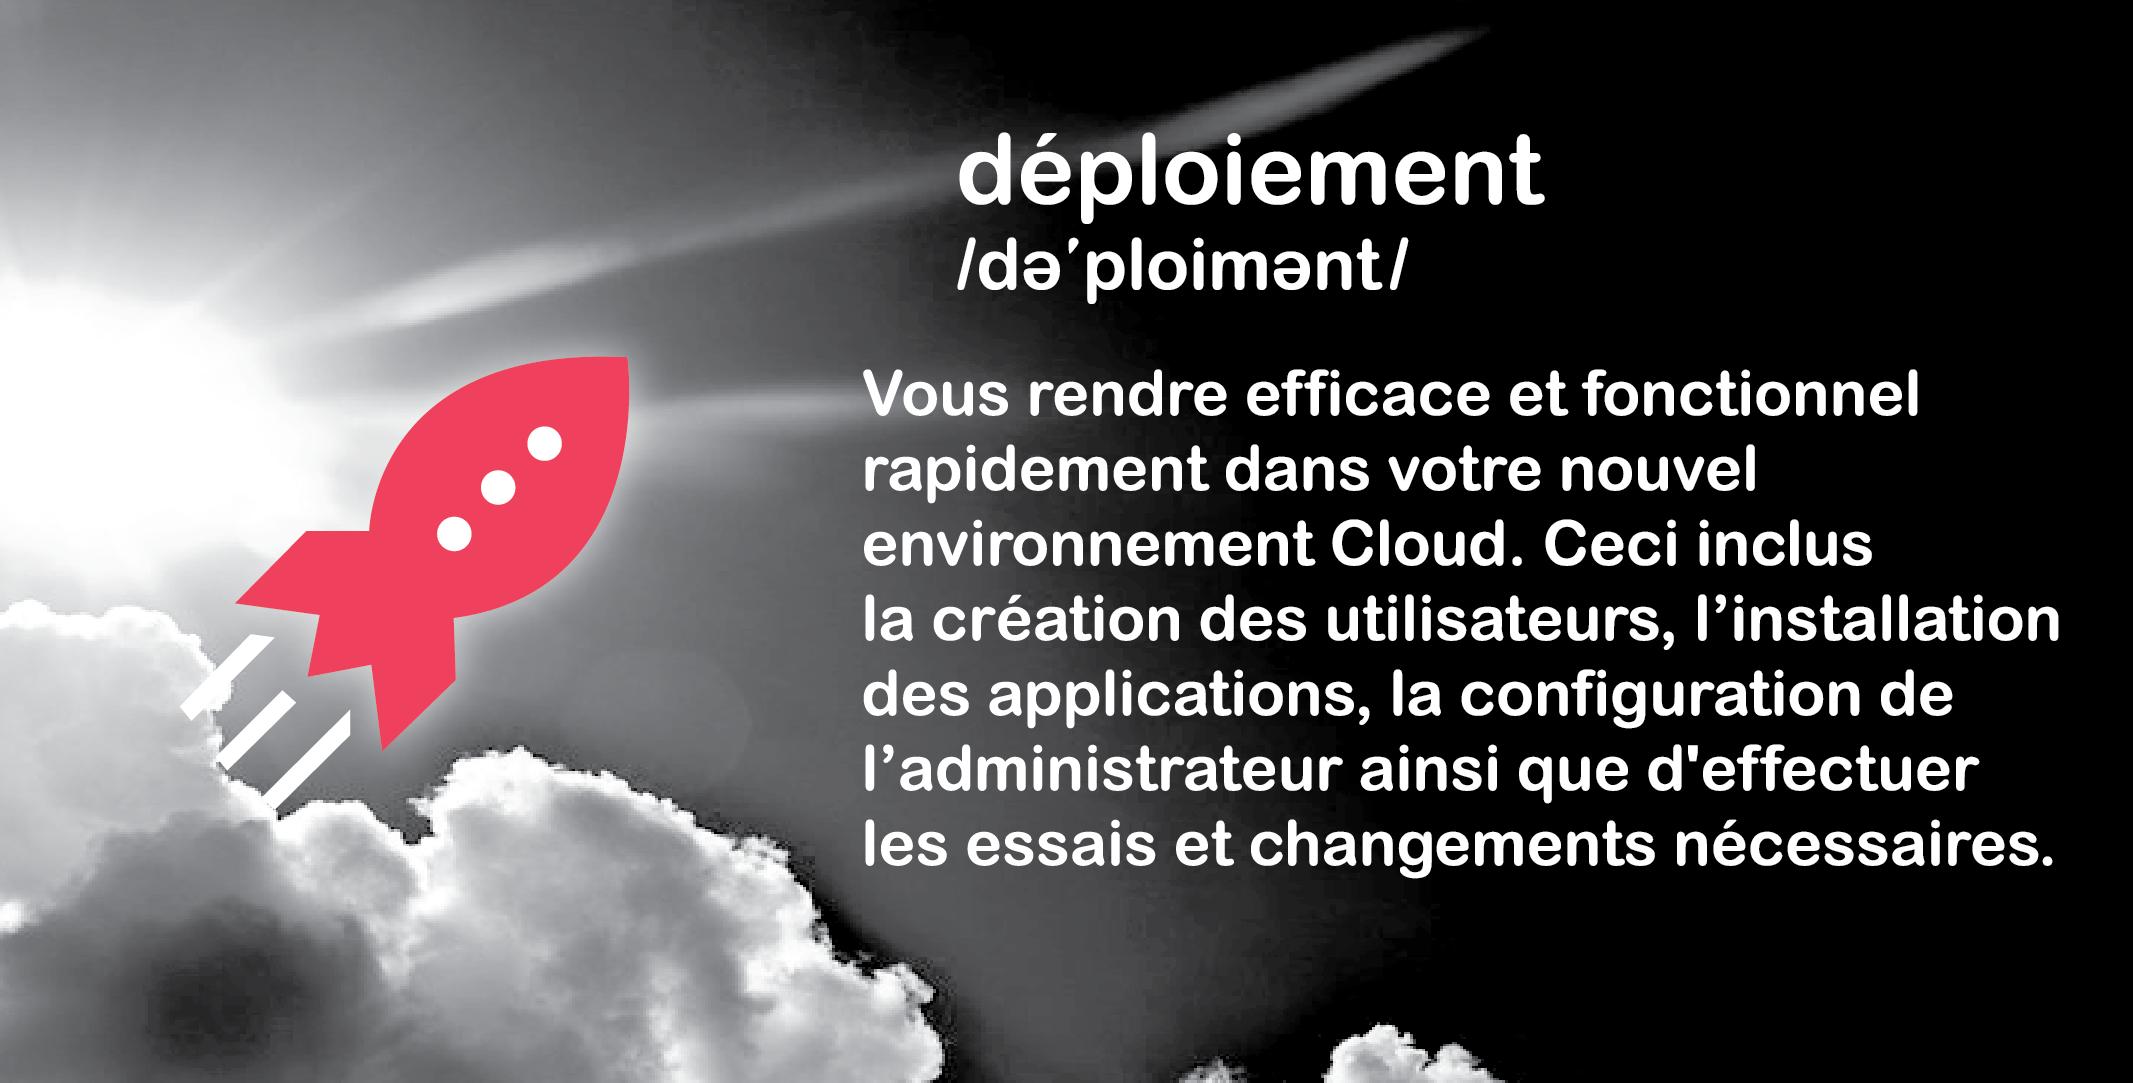 Le déploiement est une partie essentielle du transfert au «Cloud ». Formation= s'assurer que vous êtes prêt pour votre «Cloud ». Déploiement= s'assurer que votre «Cloud » est prêt pour vous. Notre équipe s'assure que tout est fonctionnel et que votre système est entièrement apte à être utilisé dès le premier jour.